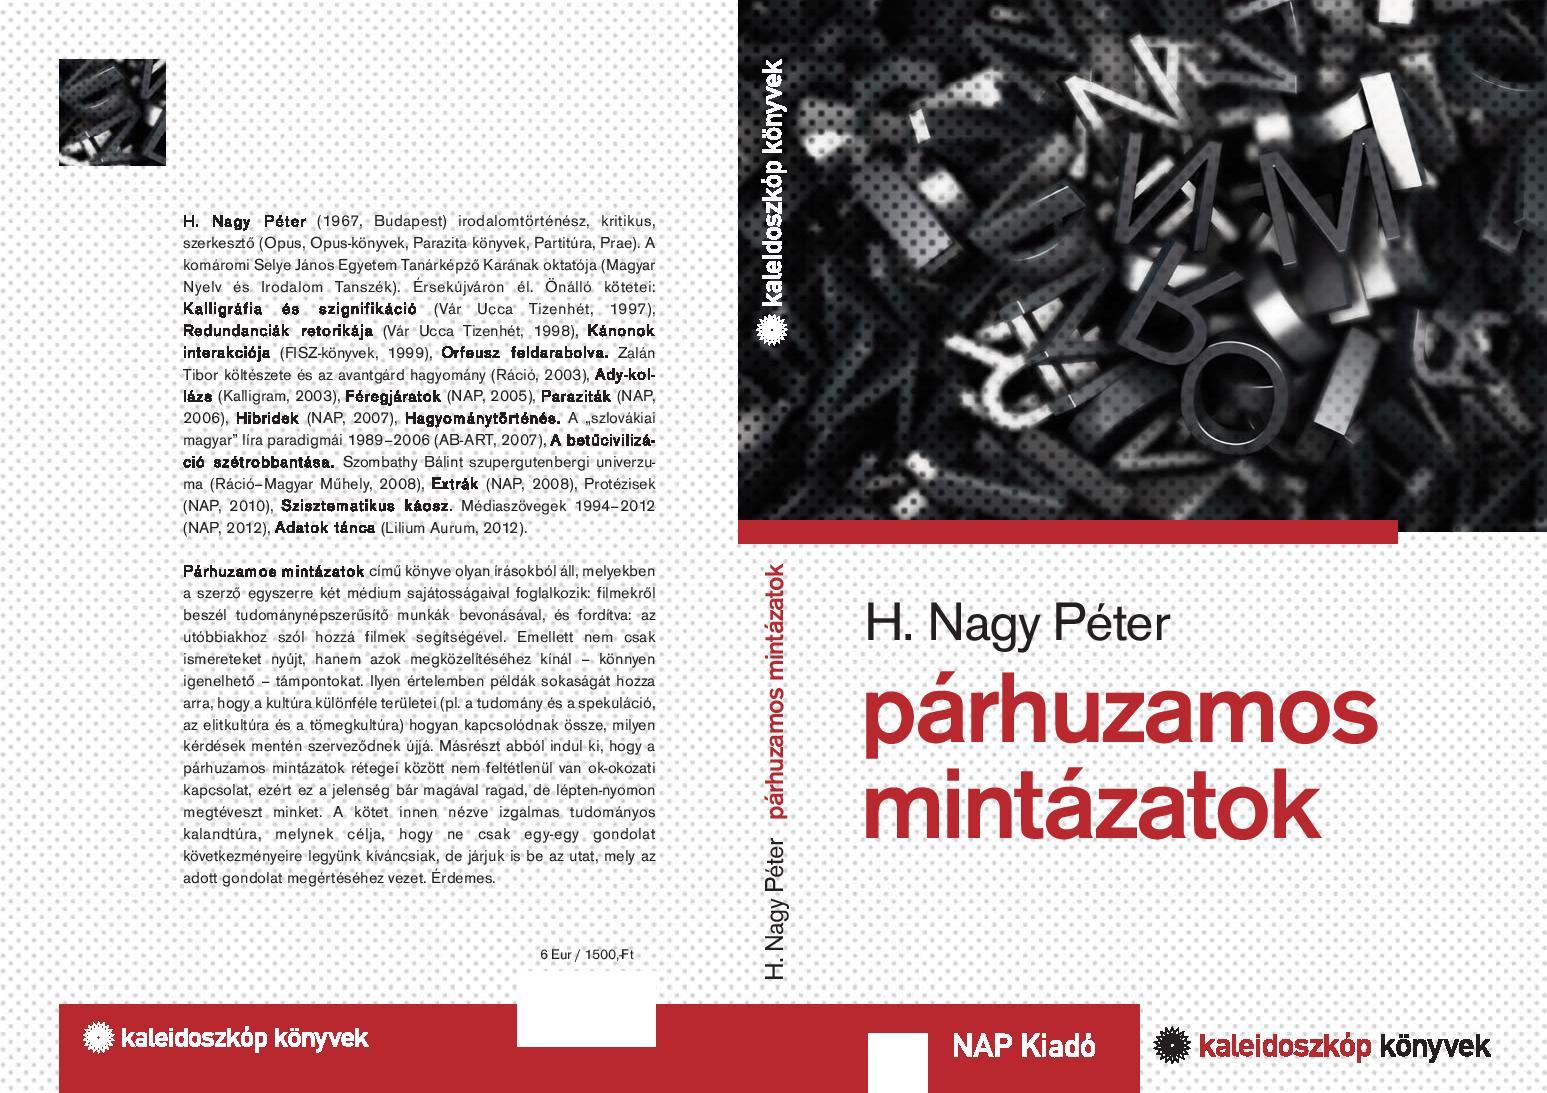 kaleidoszkop_parhuzamos-page-001.jpg